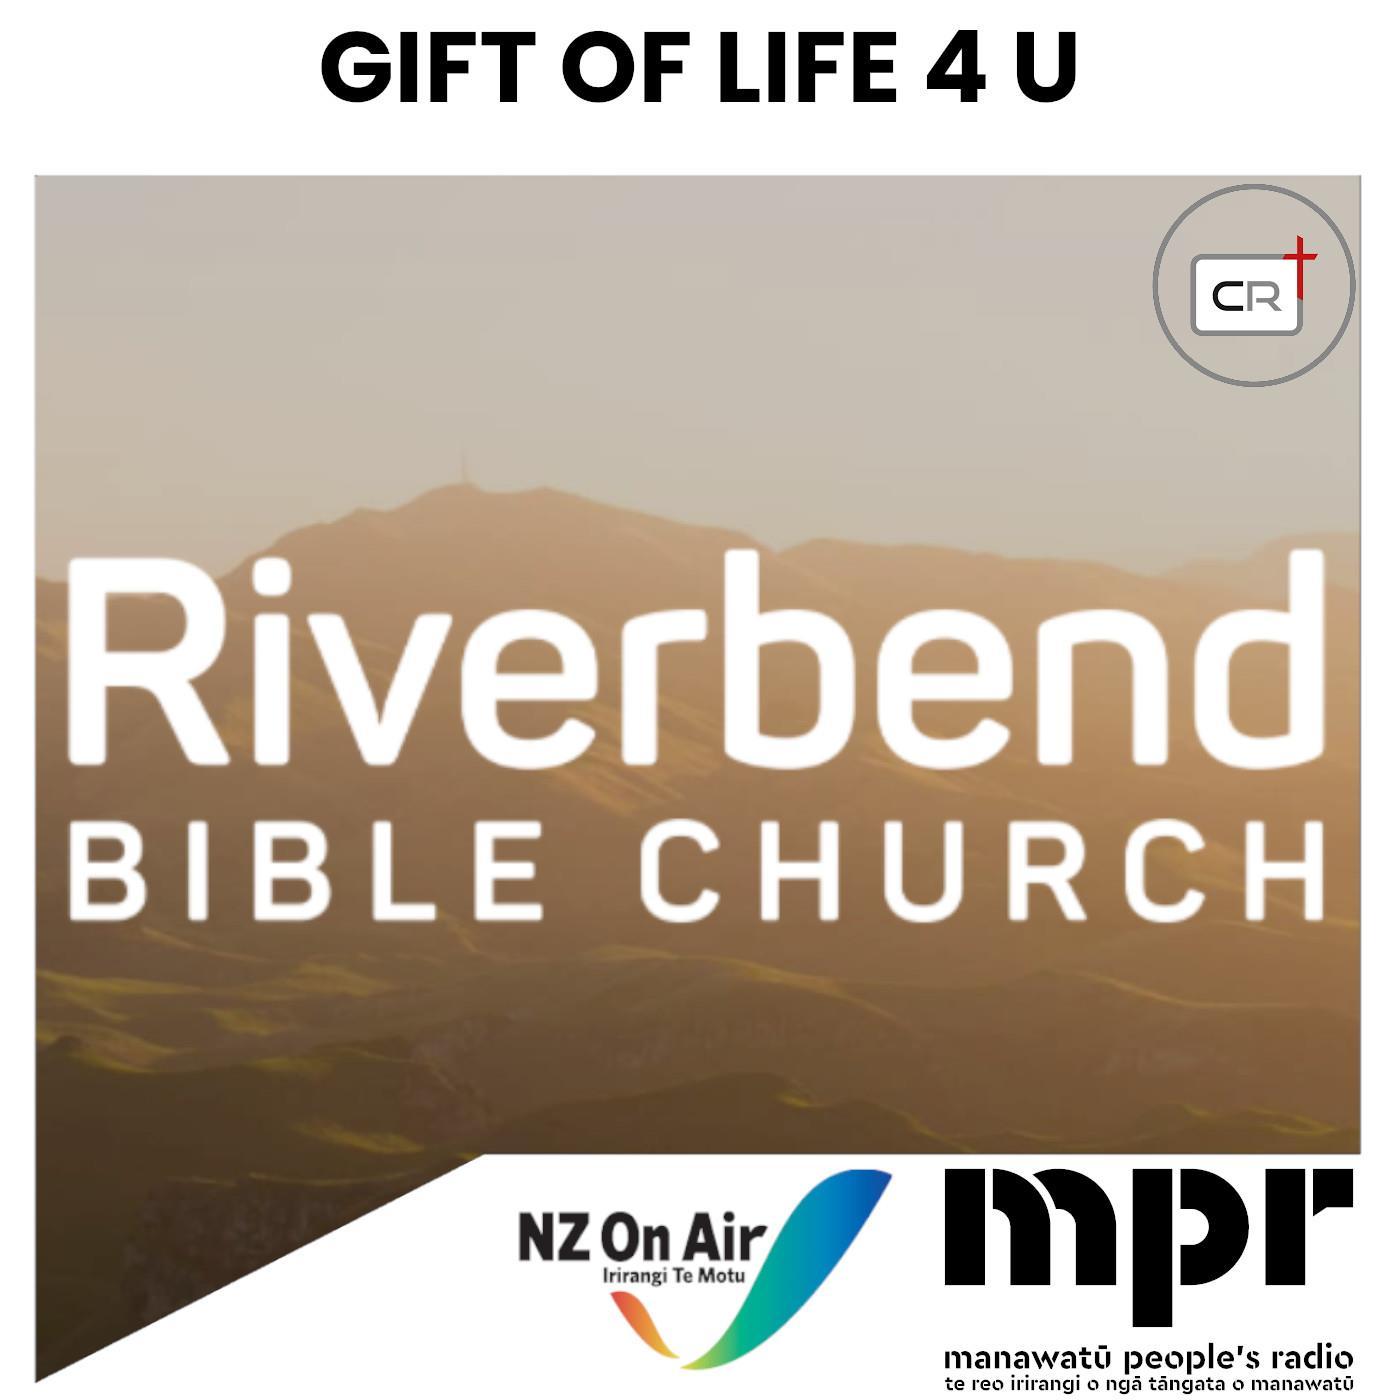 Gift Of Life 4 U